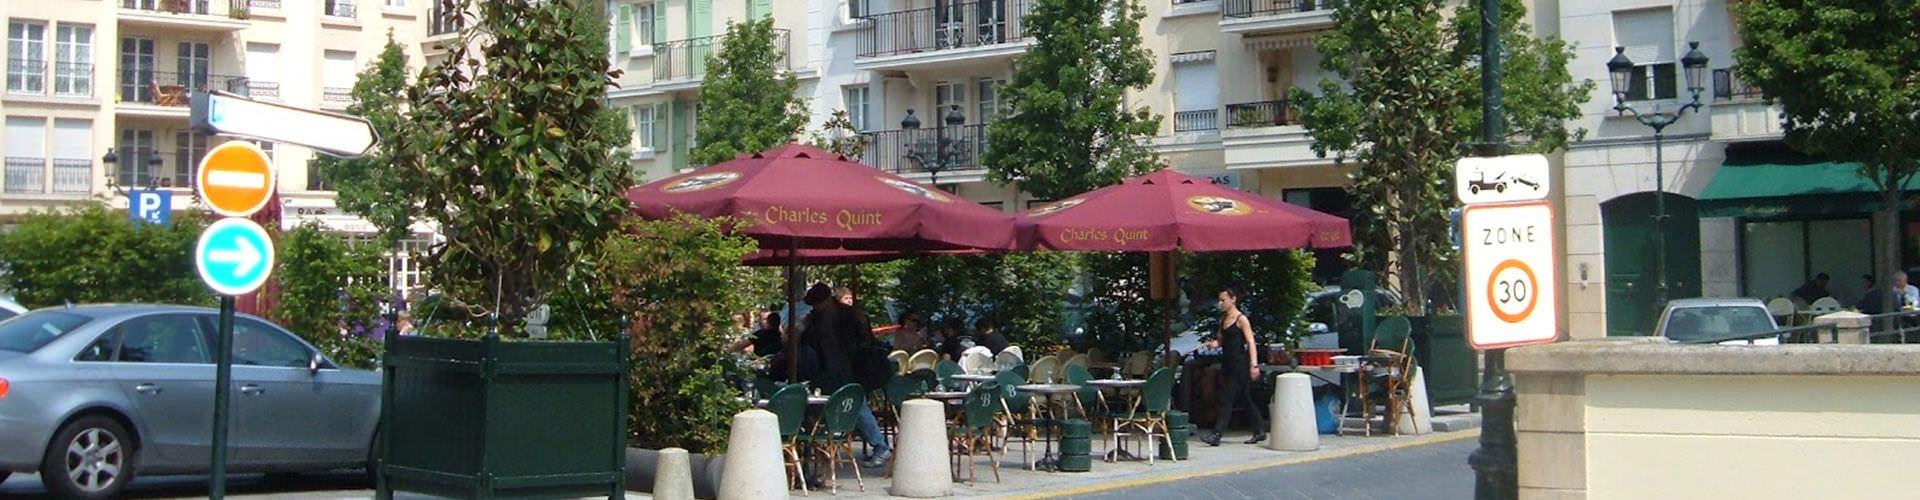 Nizza – Retkeily kaupungiosassa Kaupungin keskusta. Nizza -karttoja, valokuvia ja arvosteluja kaikista Nizza -retkeilyalueista.